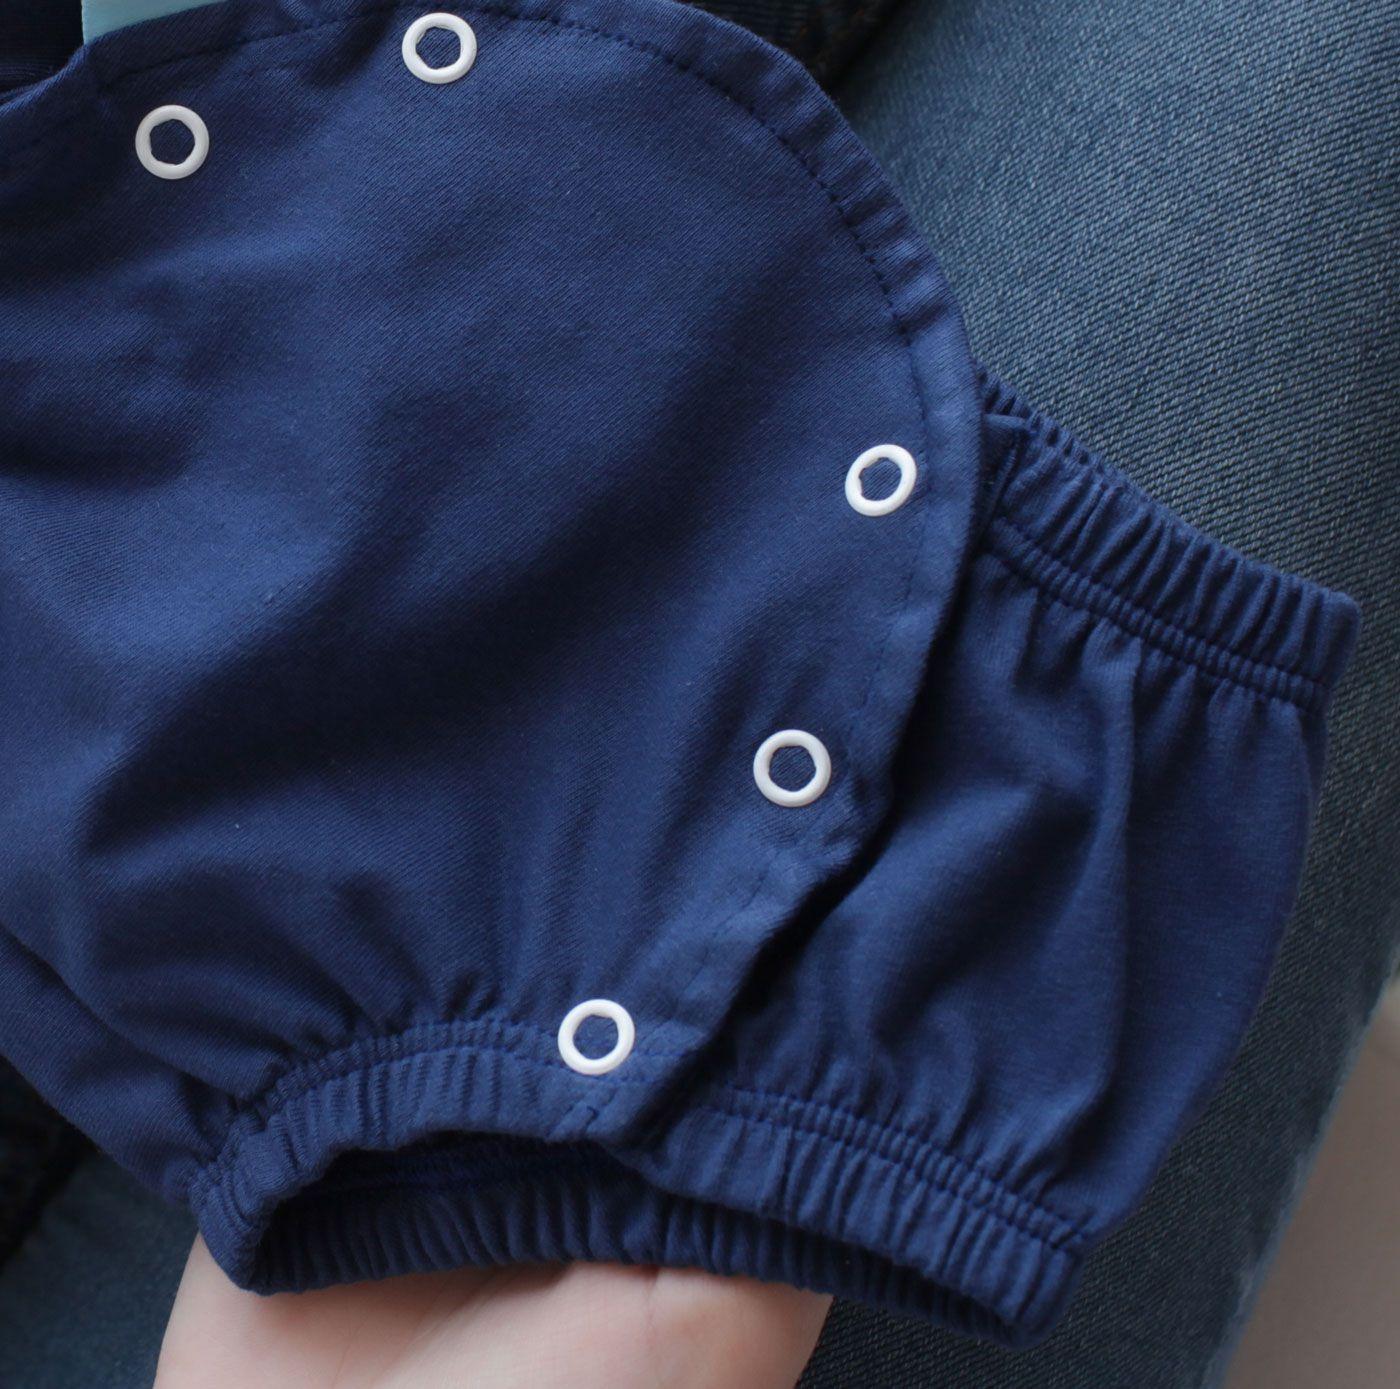 Tapa Fralda Infantil Malha Liso Marinho com Botões de Pressão